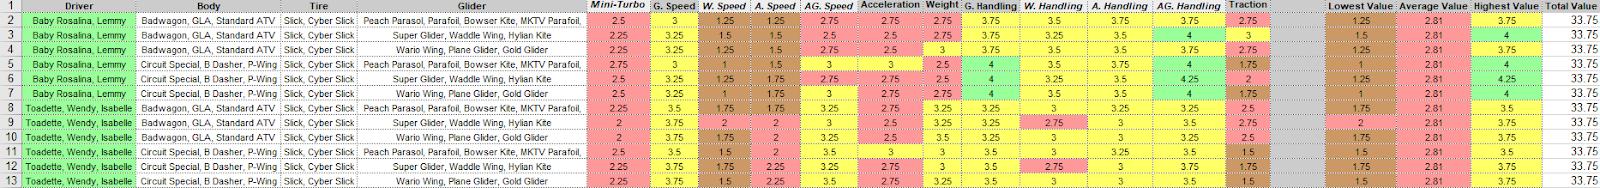 mario kart 8 deluxe vehicle tier list